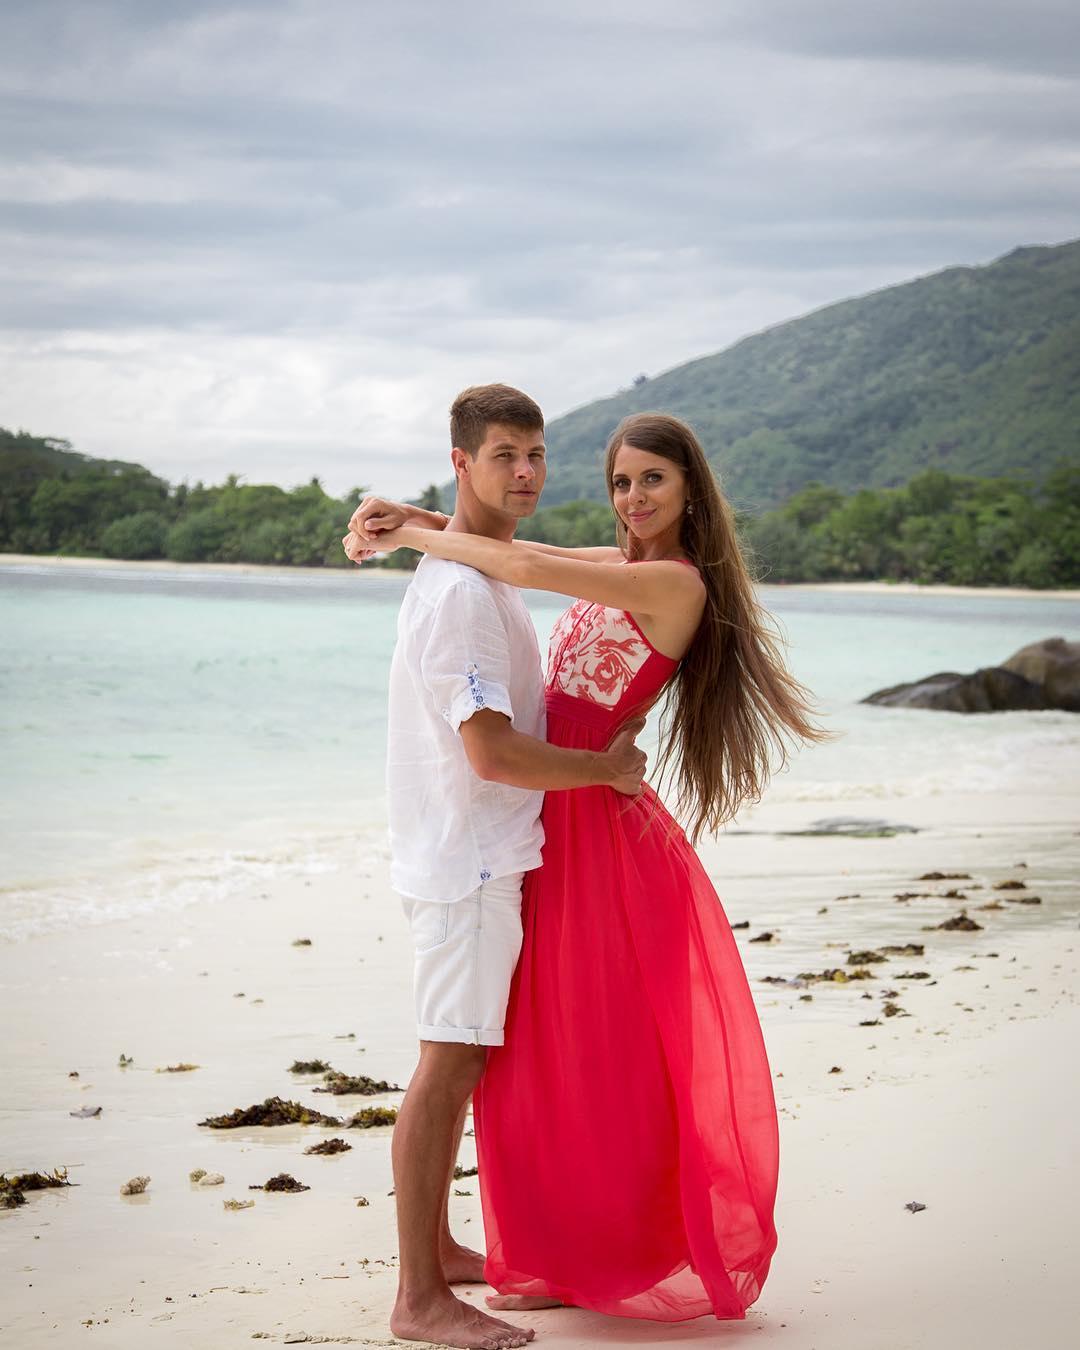 Фото со свадьбы оли рапунцель и димы дмитренко